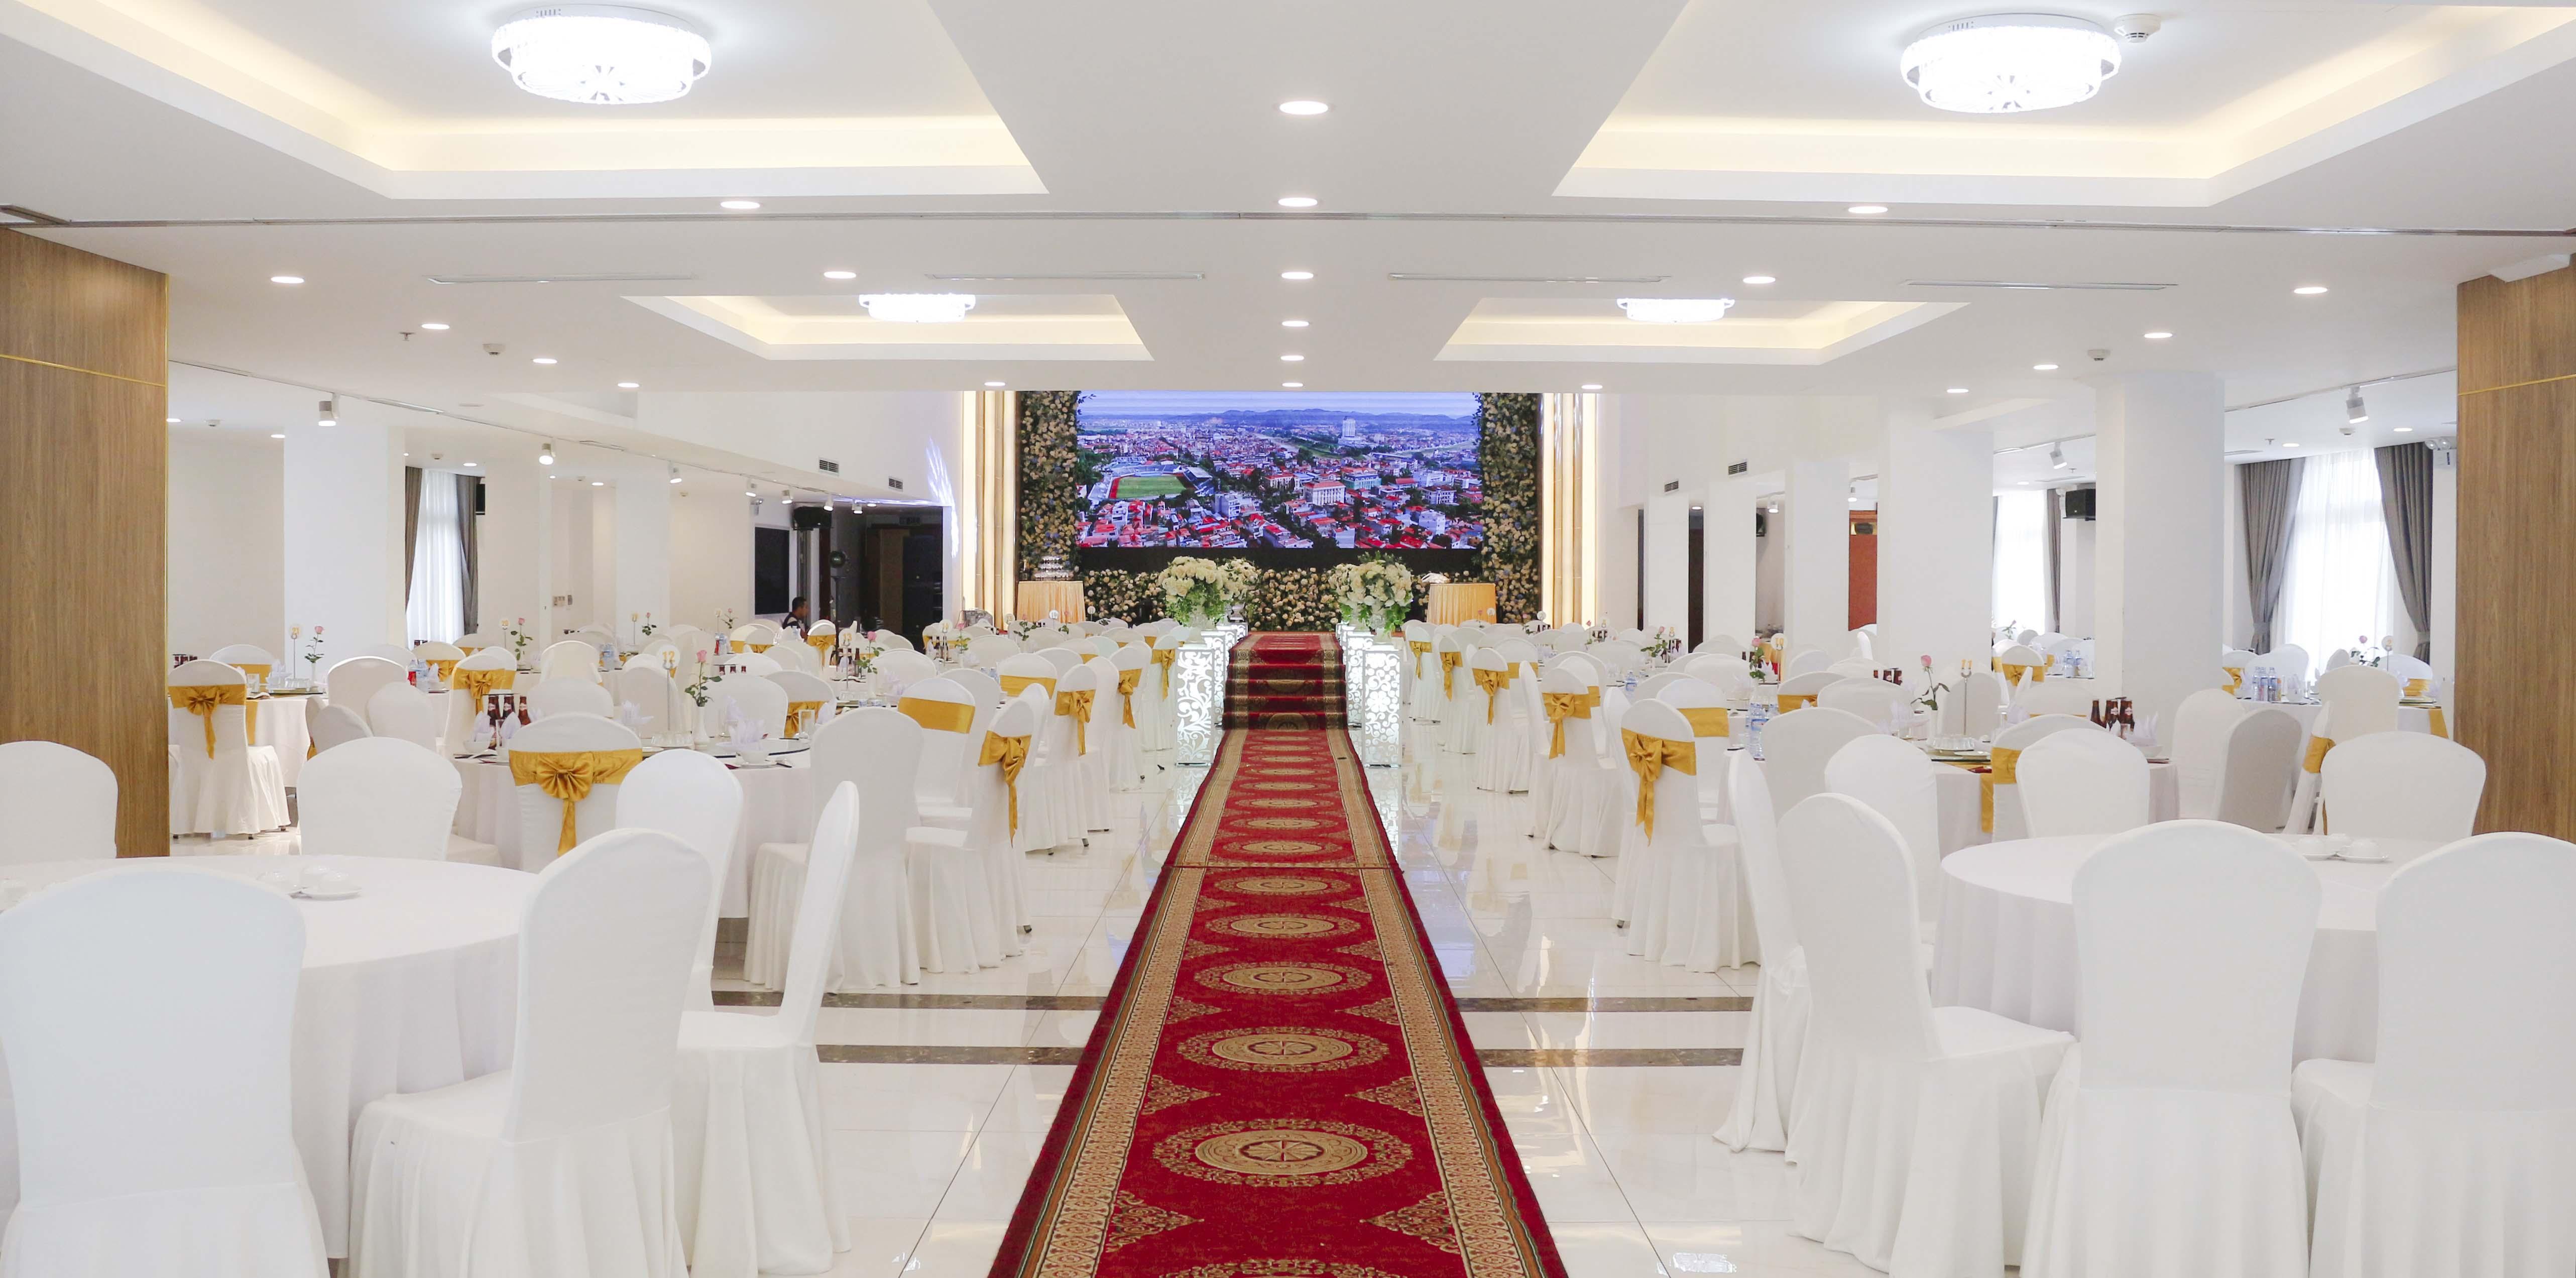 Nhà hàng / Tiệc cưới